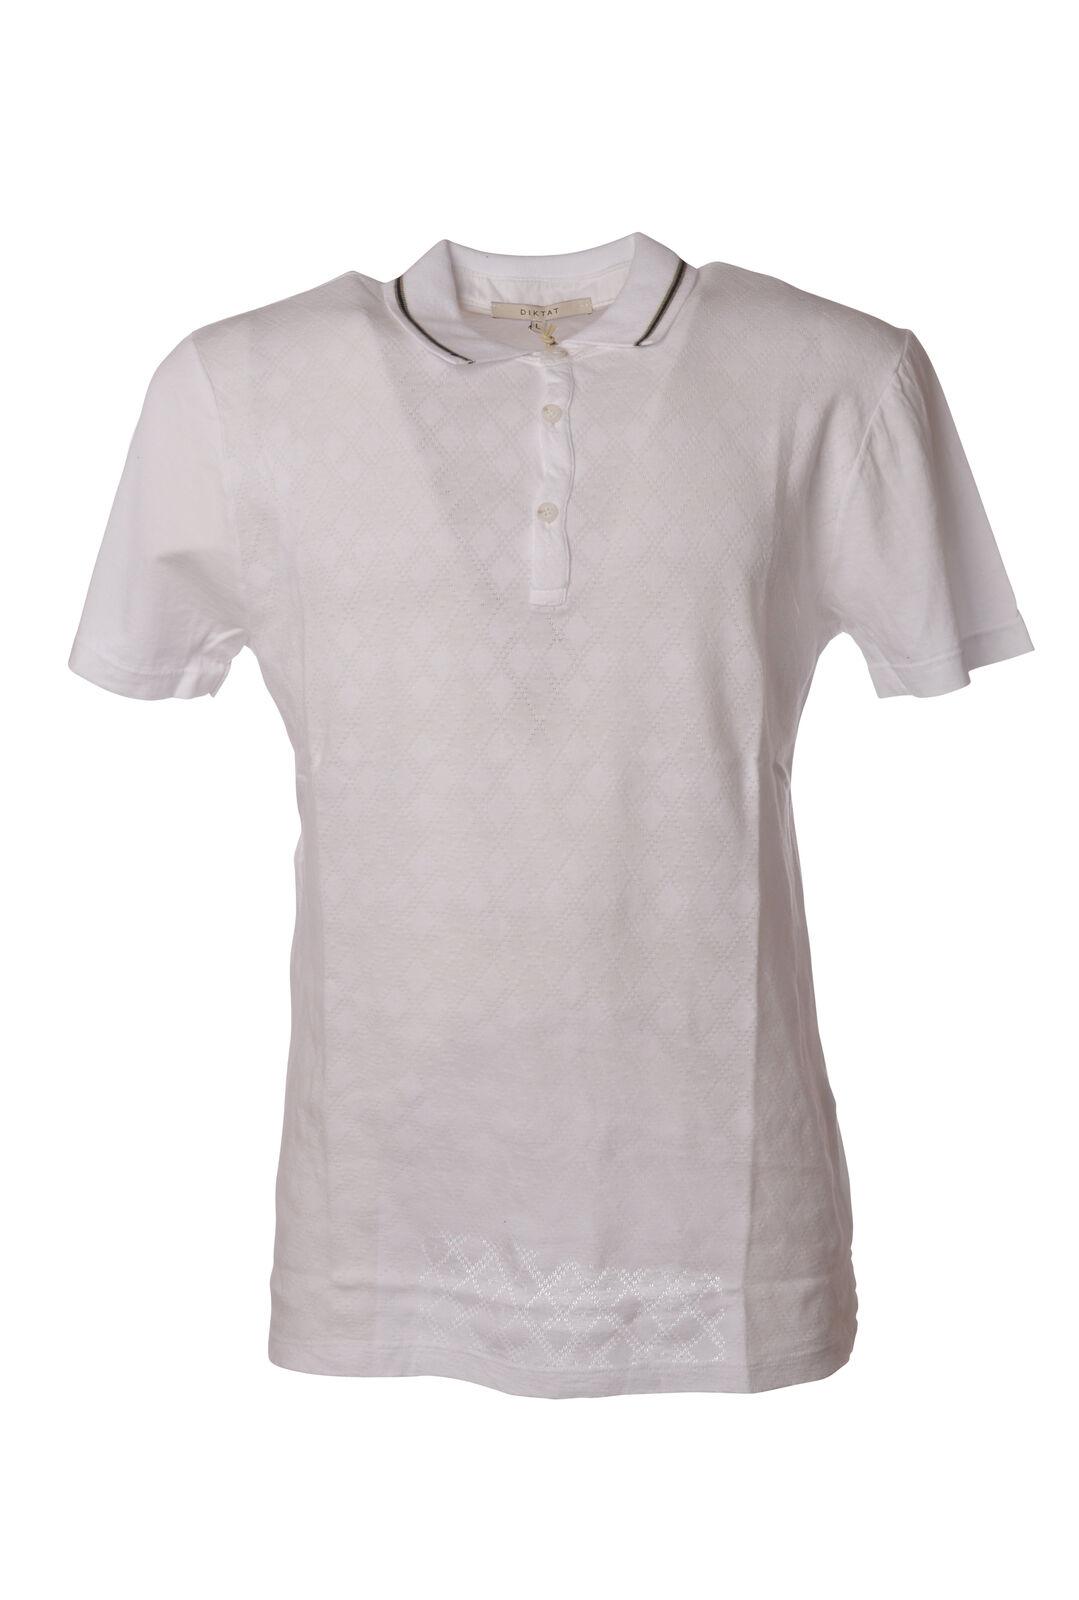 Diktat - Topwear-Polo - Man - Weiß - 5250912F183726